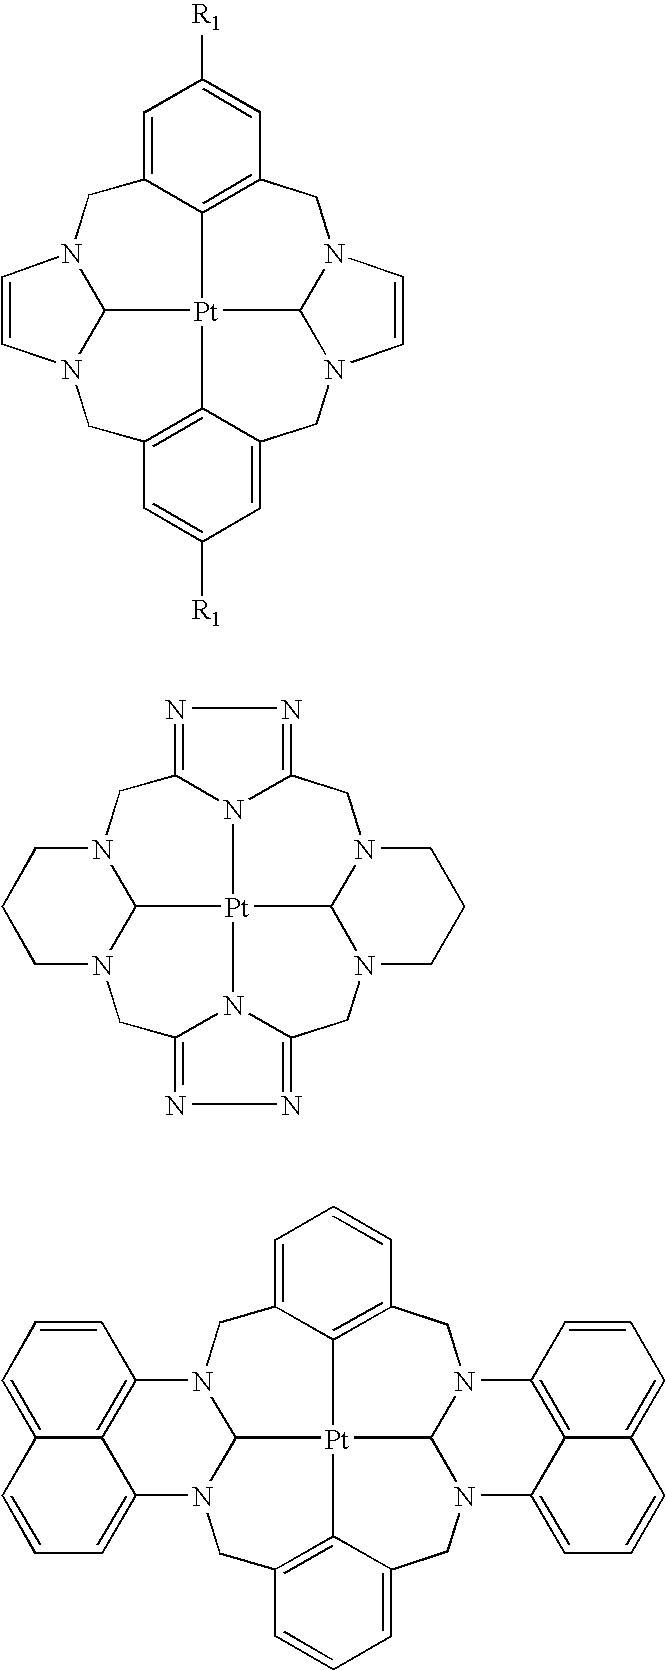 Figure US20050260445A1-20051124-C00068